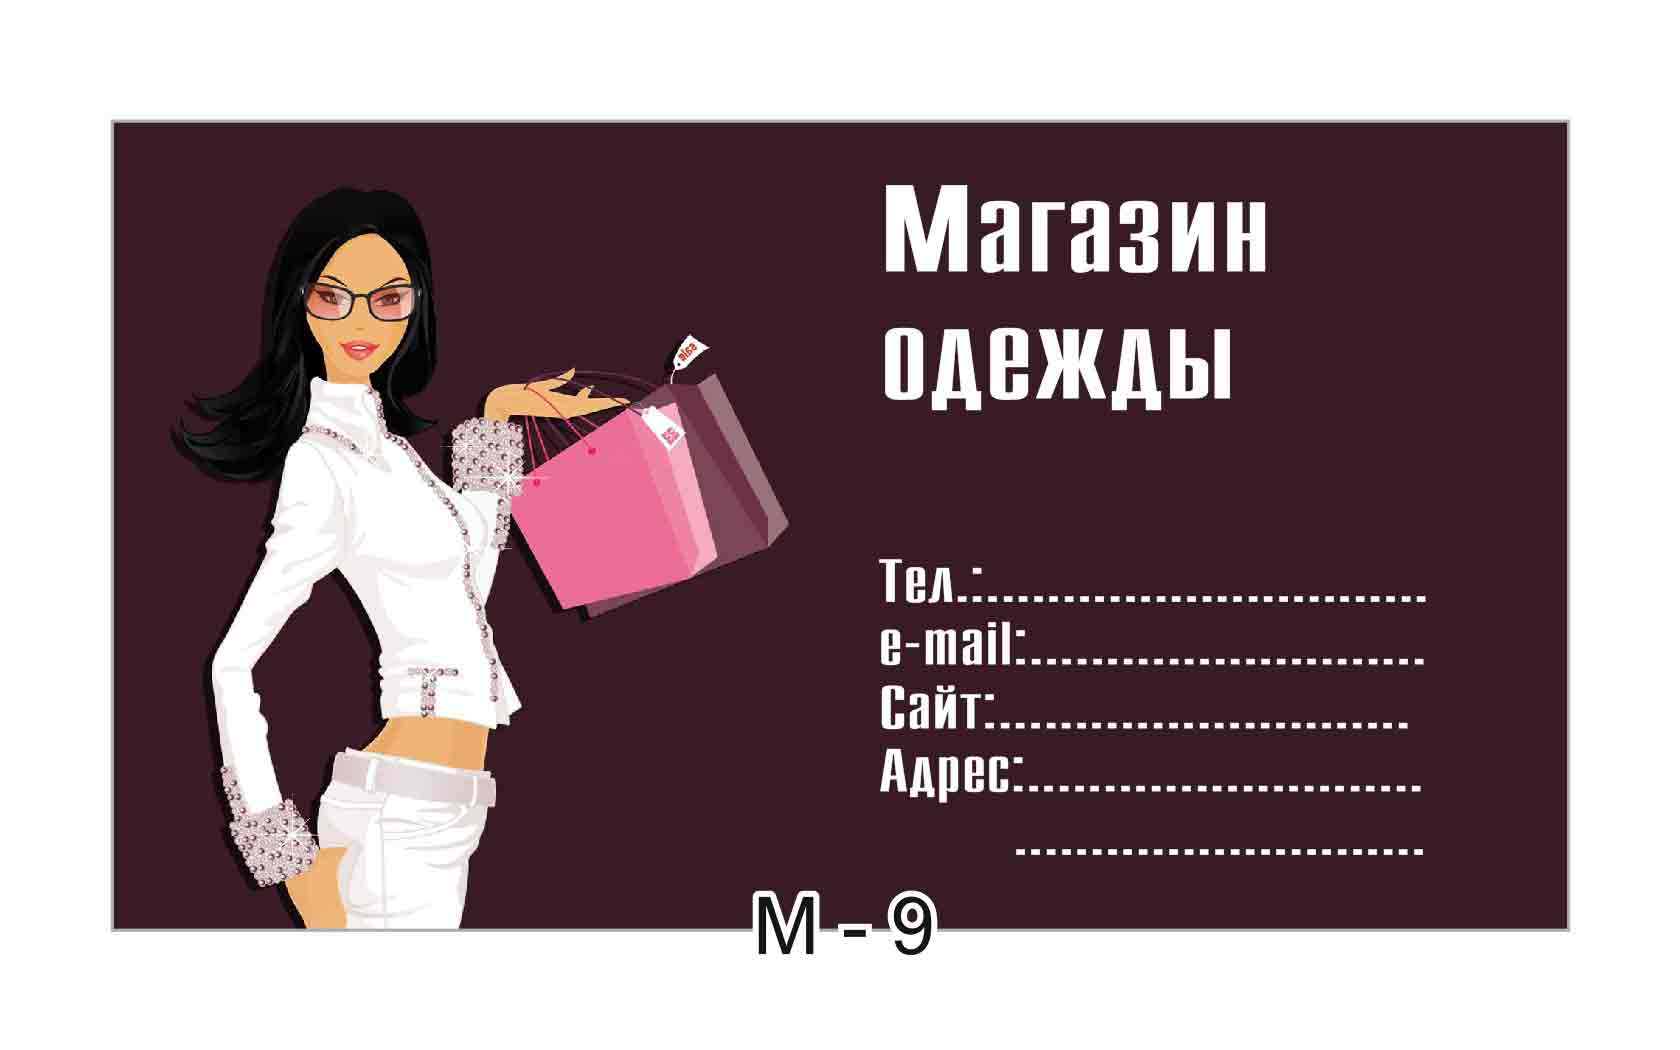 Женская Одежда Визитки Картинки